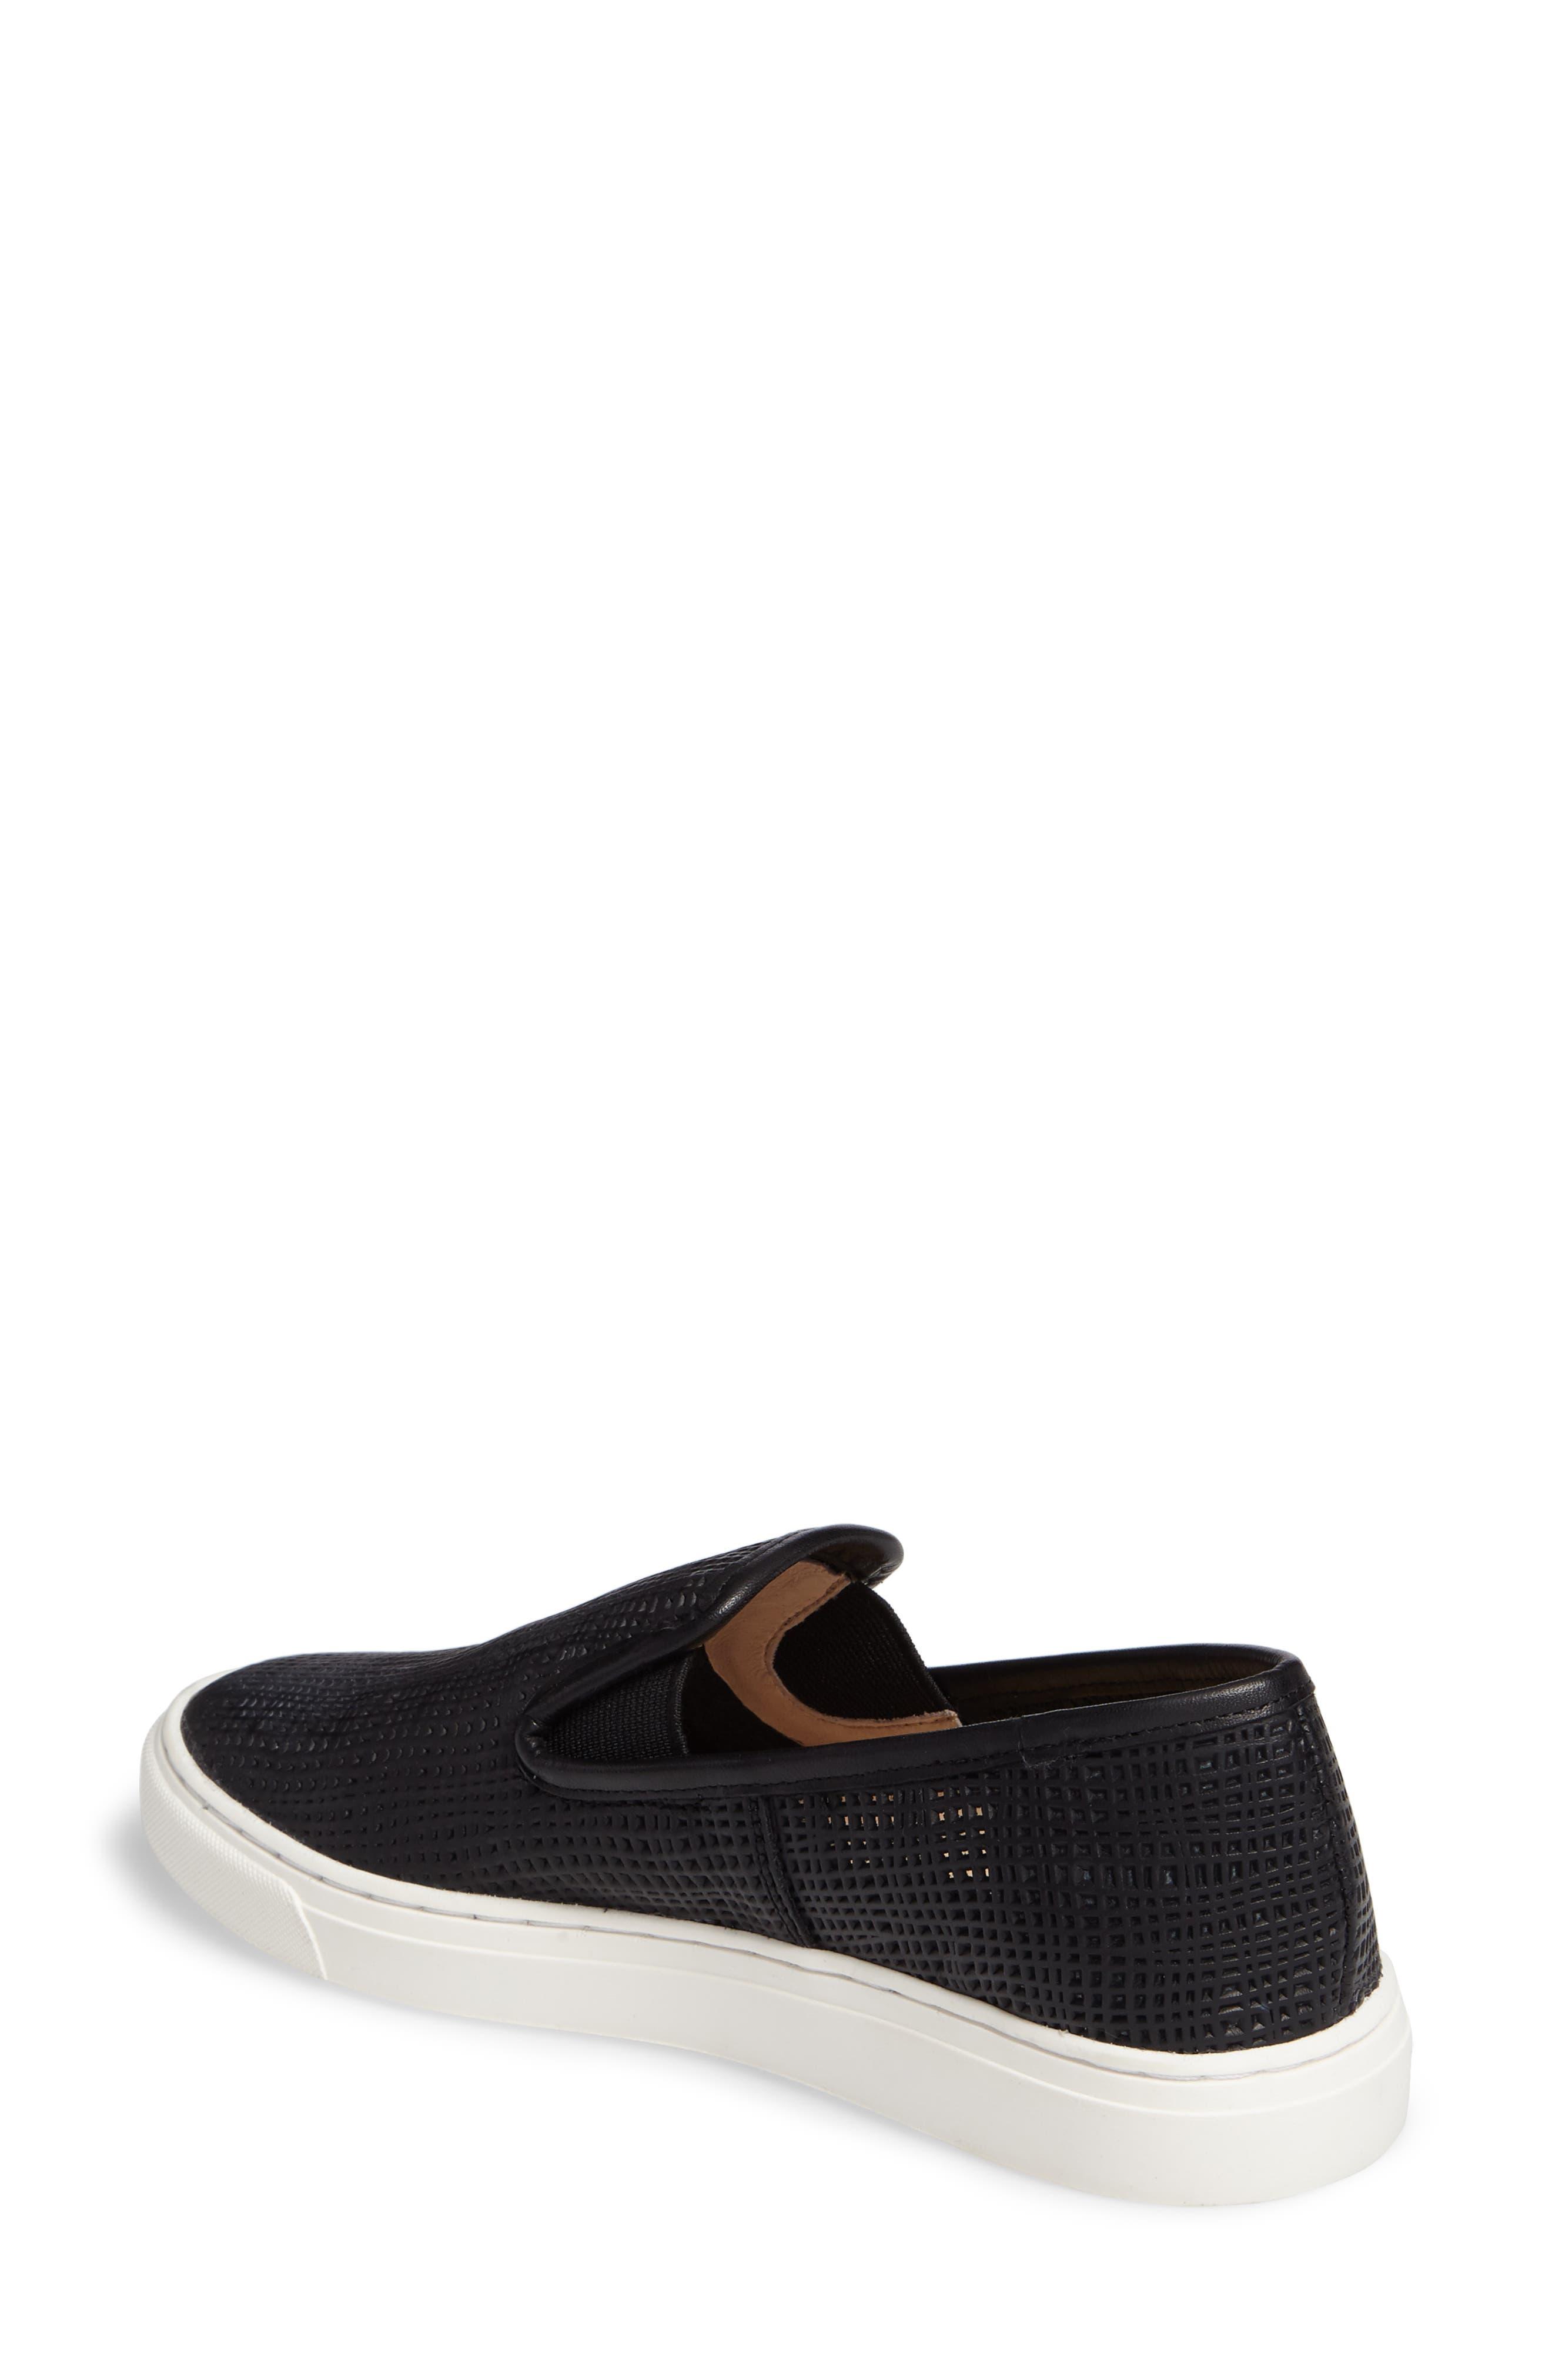 Becker Perforated Slip-On Sneaker,                             Alternate thumbnail 2, color,                             001